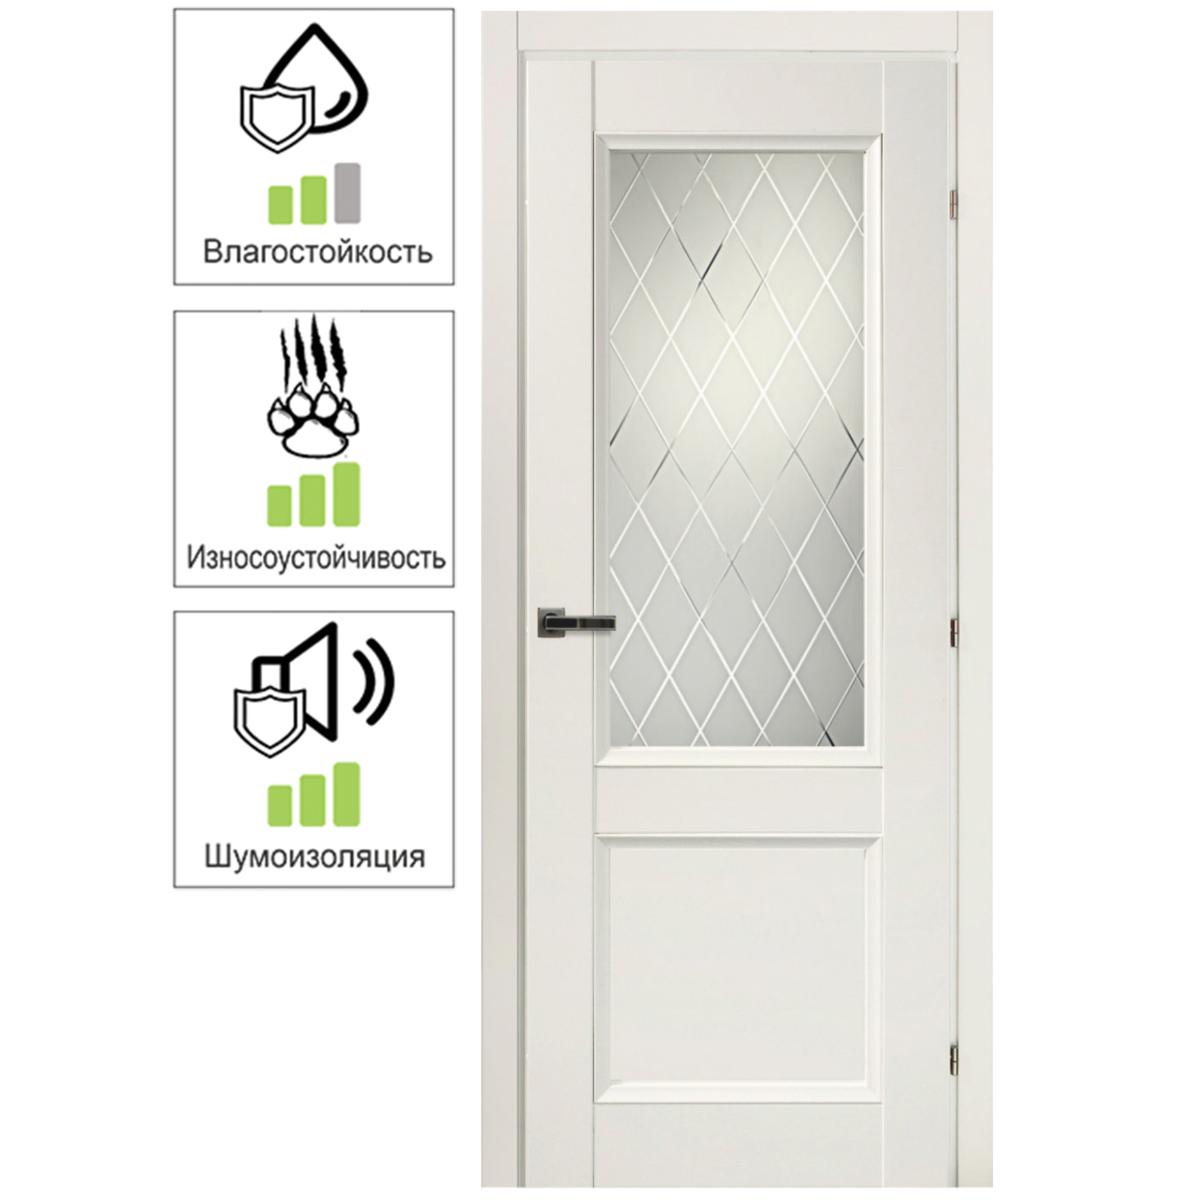 Дверь межкомнатная остеклённая Танганика 80х200 см CPL цвет белый с фурнитурой